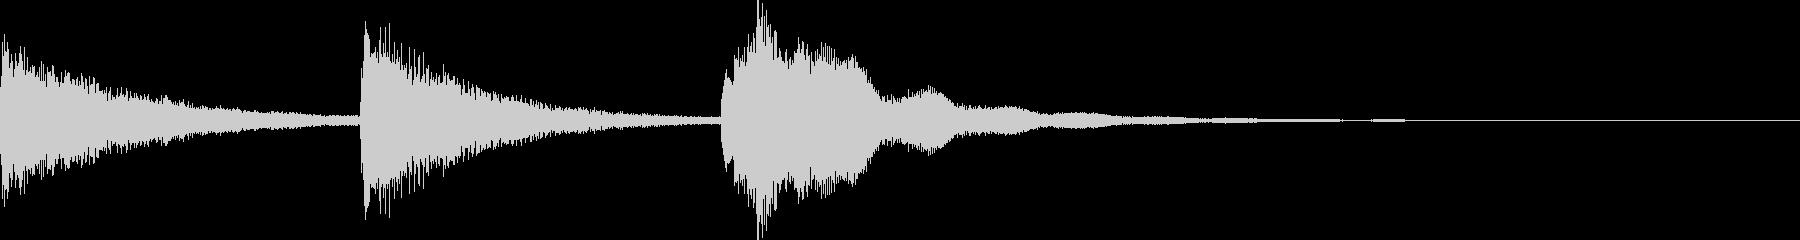 明るい ピアノ 場面転換の音の未再生の波形